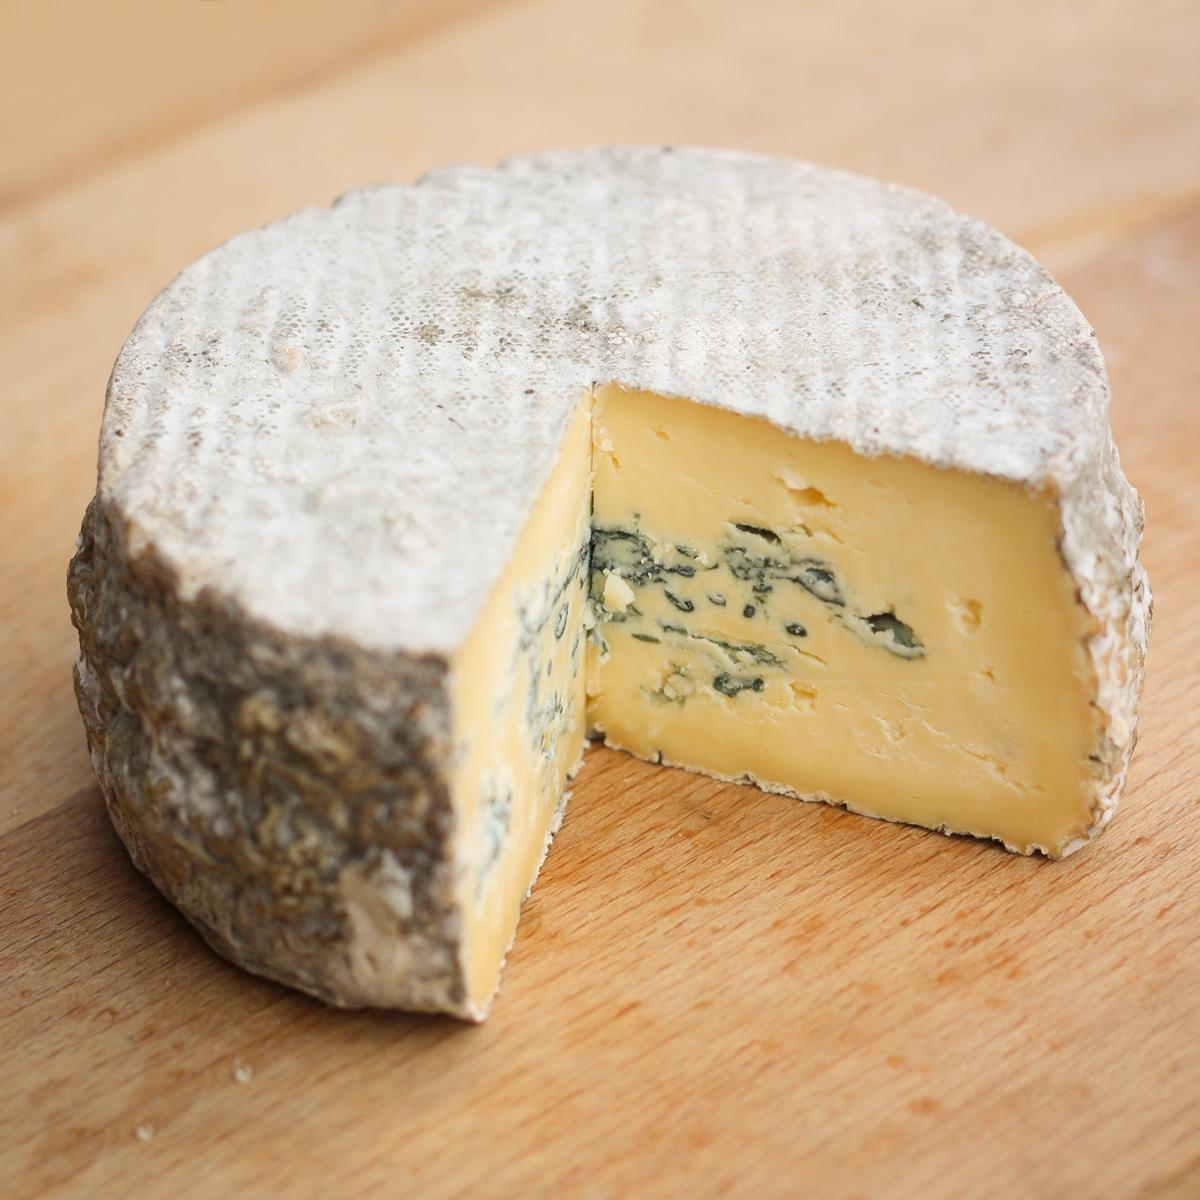 Parlour Made Mordon Blue Cheese